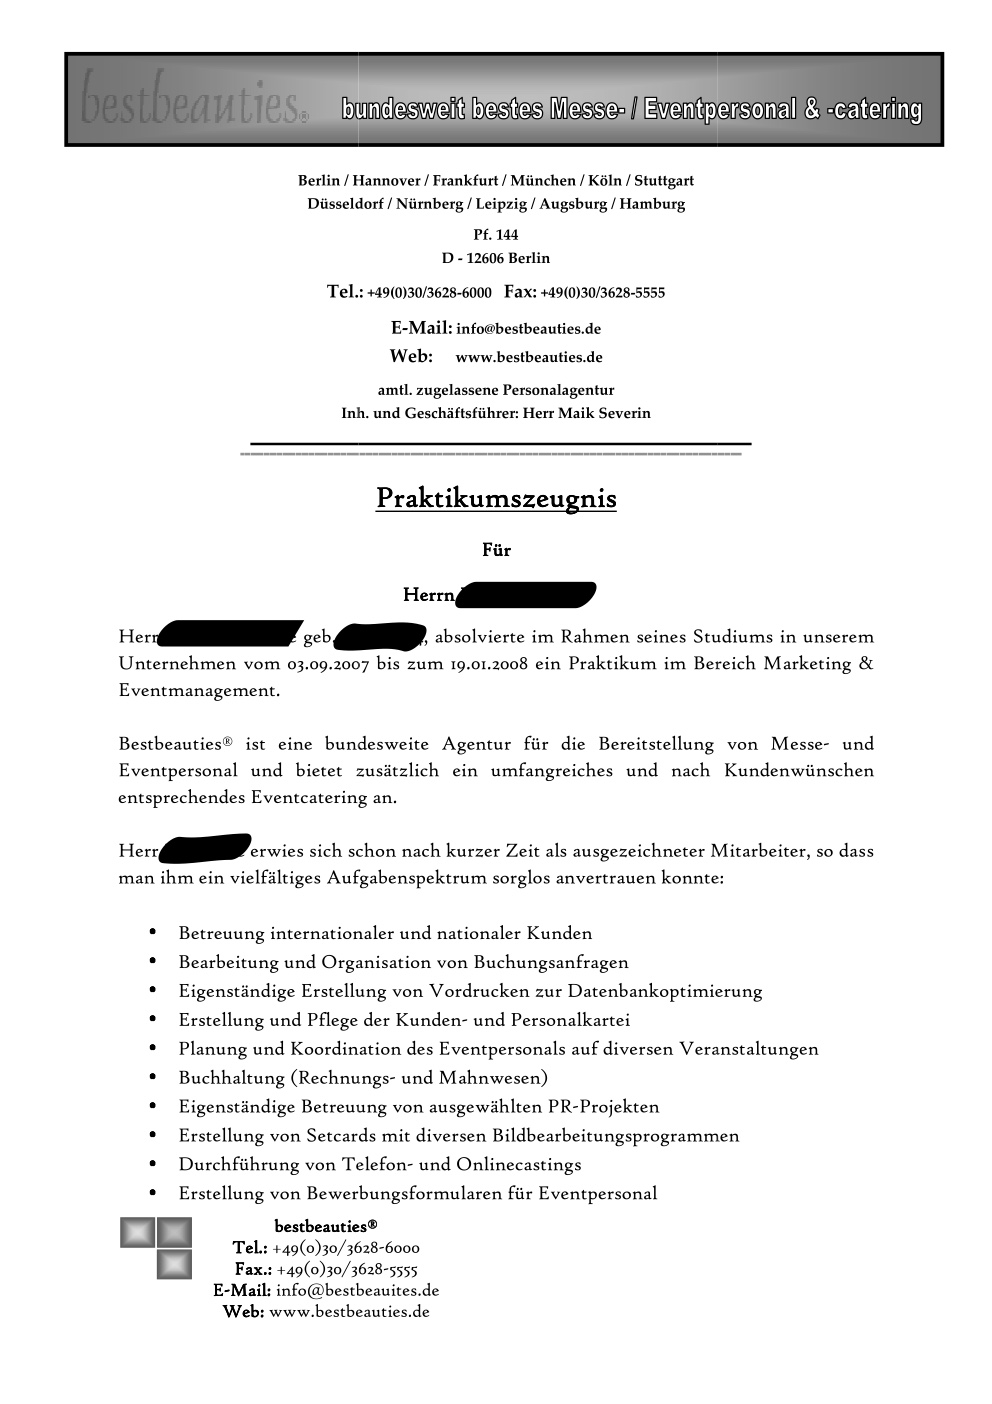 Praktikumszeugnis bestbeauties 1